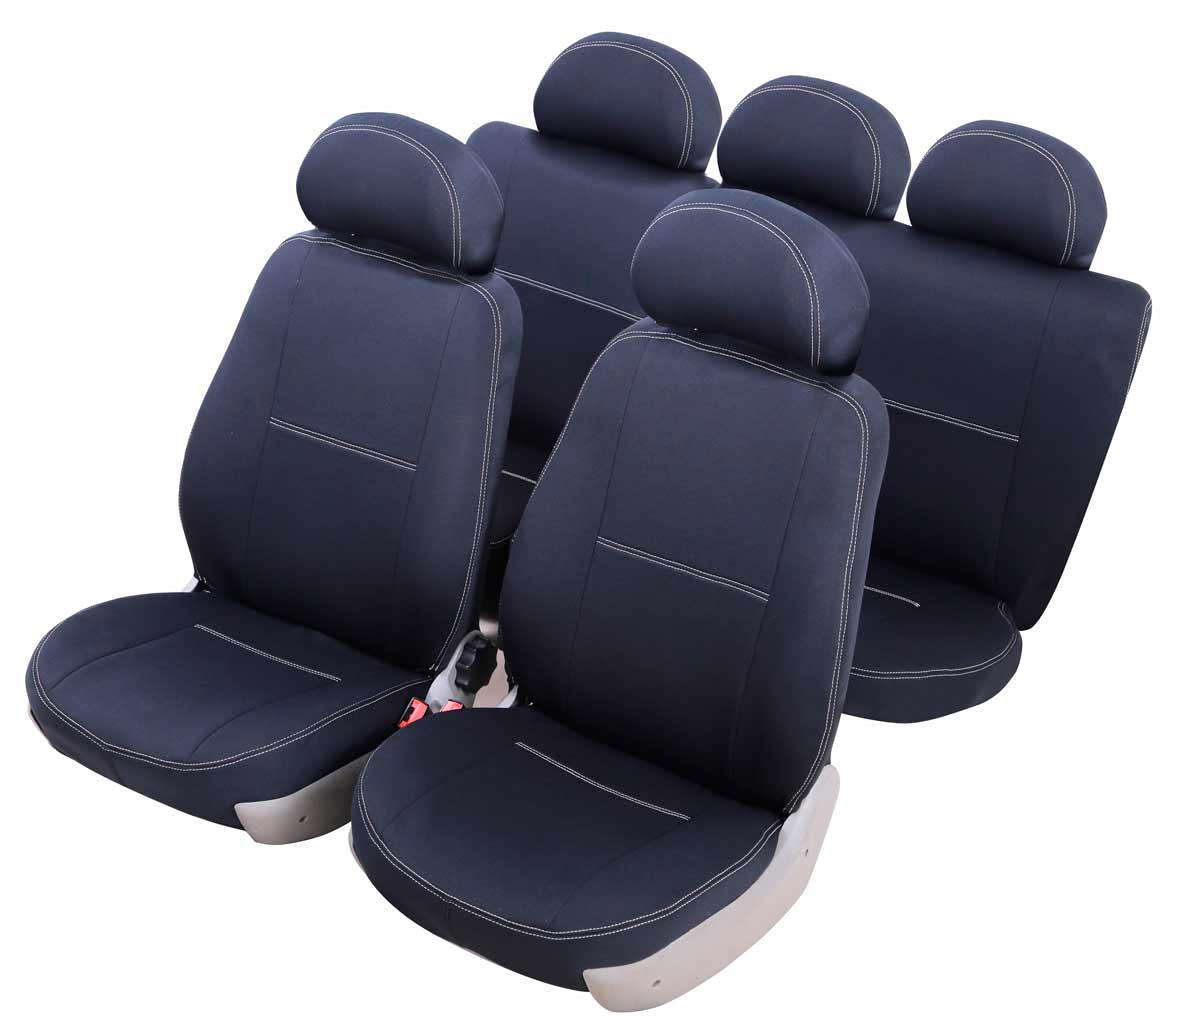 Чехлы на автокресло Azard Standard, для Daewoo Matiz (2000-2014), хэтчбек 5д, цвет: черныйA4010121Модельные чехлы из полиэстера Azard Standard. Разработаны в РФ индивидуально для каждого автомобиля.Чехлы Azard Standard серийно выпускаются на собственном швейном производстве в России.Чехлы идеально повторяют штатную форму сидений и выглядят как оригинальная обивка сидений. Для простоты установки используется липучка Velcro, учтены все технологические отверстия.Чехлы сохраняют полную функциональность салона – трасформация сидений, возможность установки детских кресел ISOFIX, не препятствуют работе подушек безопасности AIRBAG и подогрева сидений.Дизайн чехлов Azard Standard приближен к оригинальной обивке салона. Декоративная контрастная прострочка по периметру авточехлов придает стильный и изысканный внешний вид интерьеру автомобиля.Чехлы Azard Standard изготовлены из полиэстера, триплированного огнеупорным поролоном толщиной 3 мм, за счет чего чехол приобретает дополнительную мягкость. Подложка из спандбонда сохраняет свойства поролона и предотвращает его разрушение.Авточехлы Azard Standard просты в уходе – загрязнения легко удаляются влажной тканью.